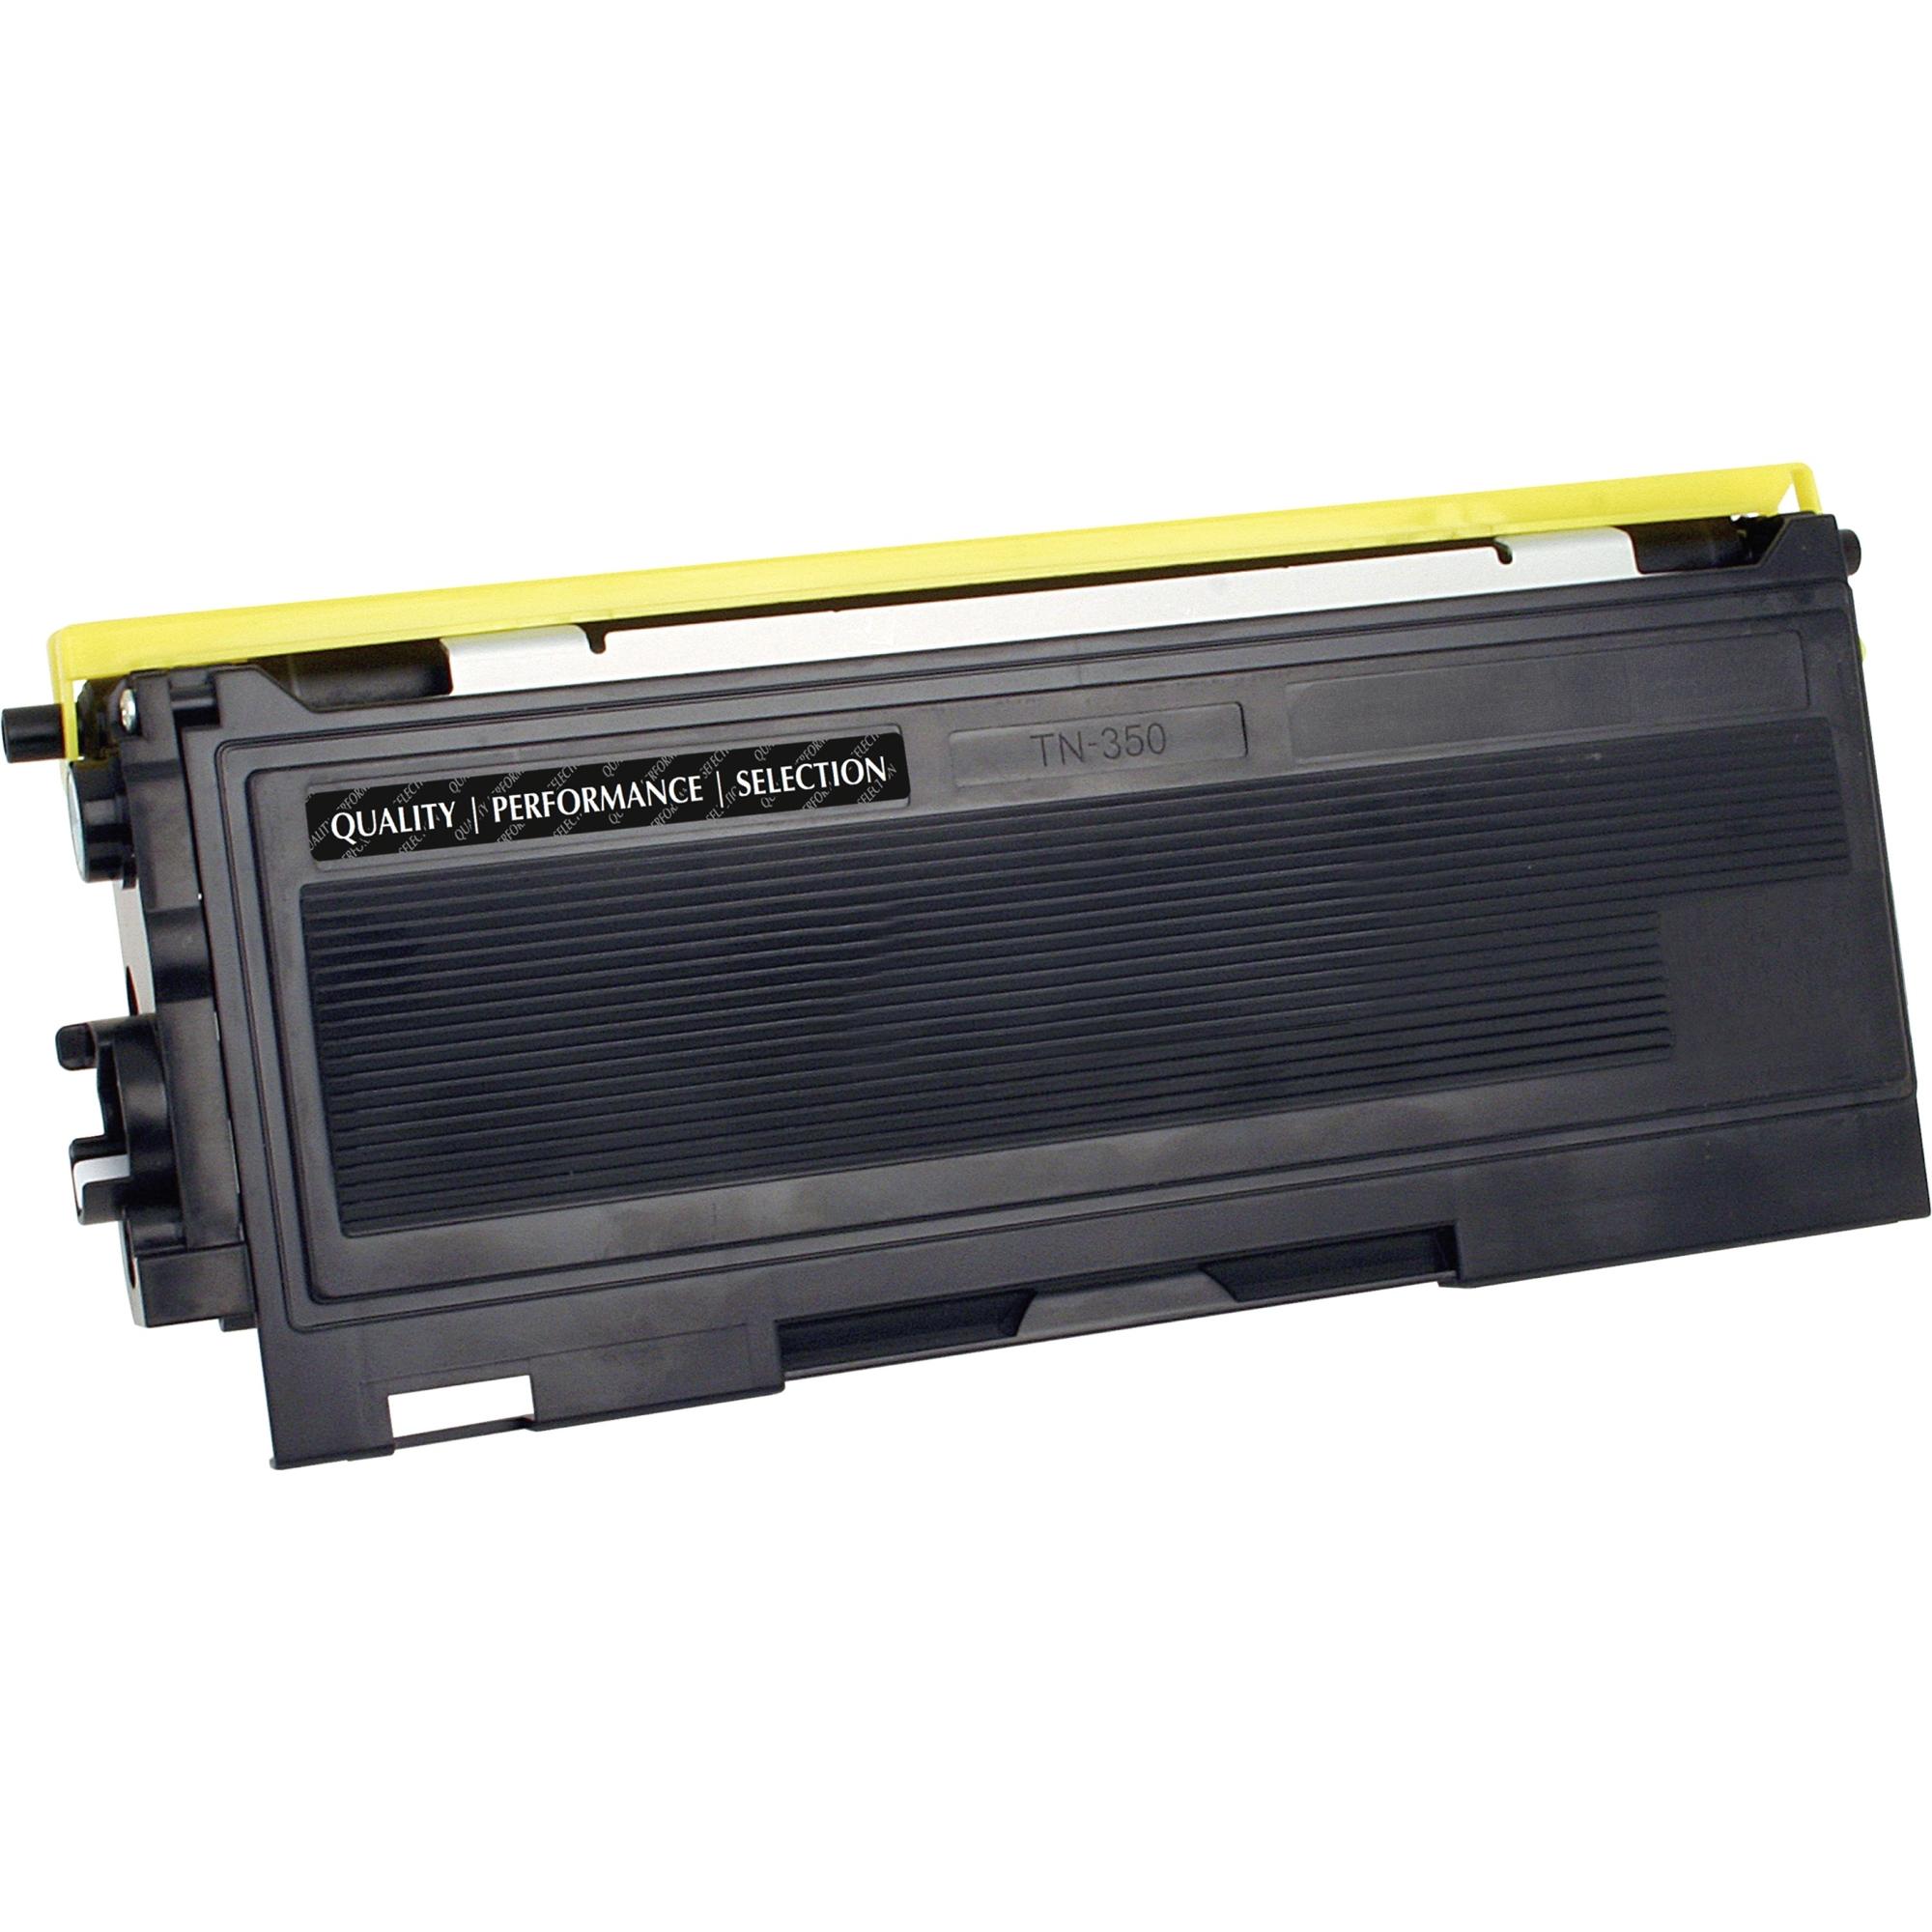 Black Toner Cartridge for Brother DCP-7020; HL-204 - Laser - 2500 Page